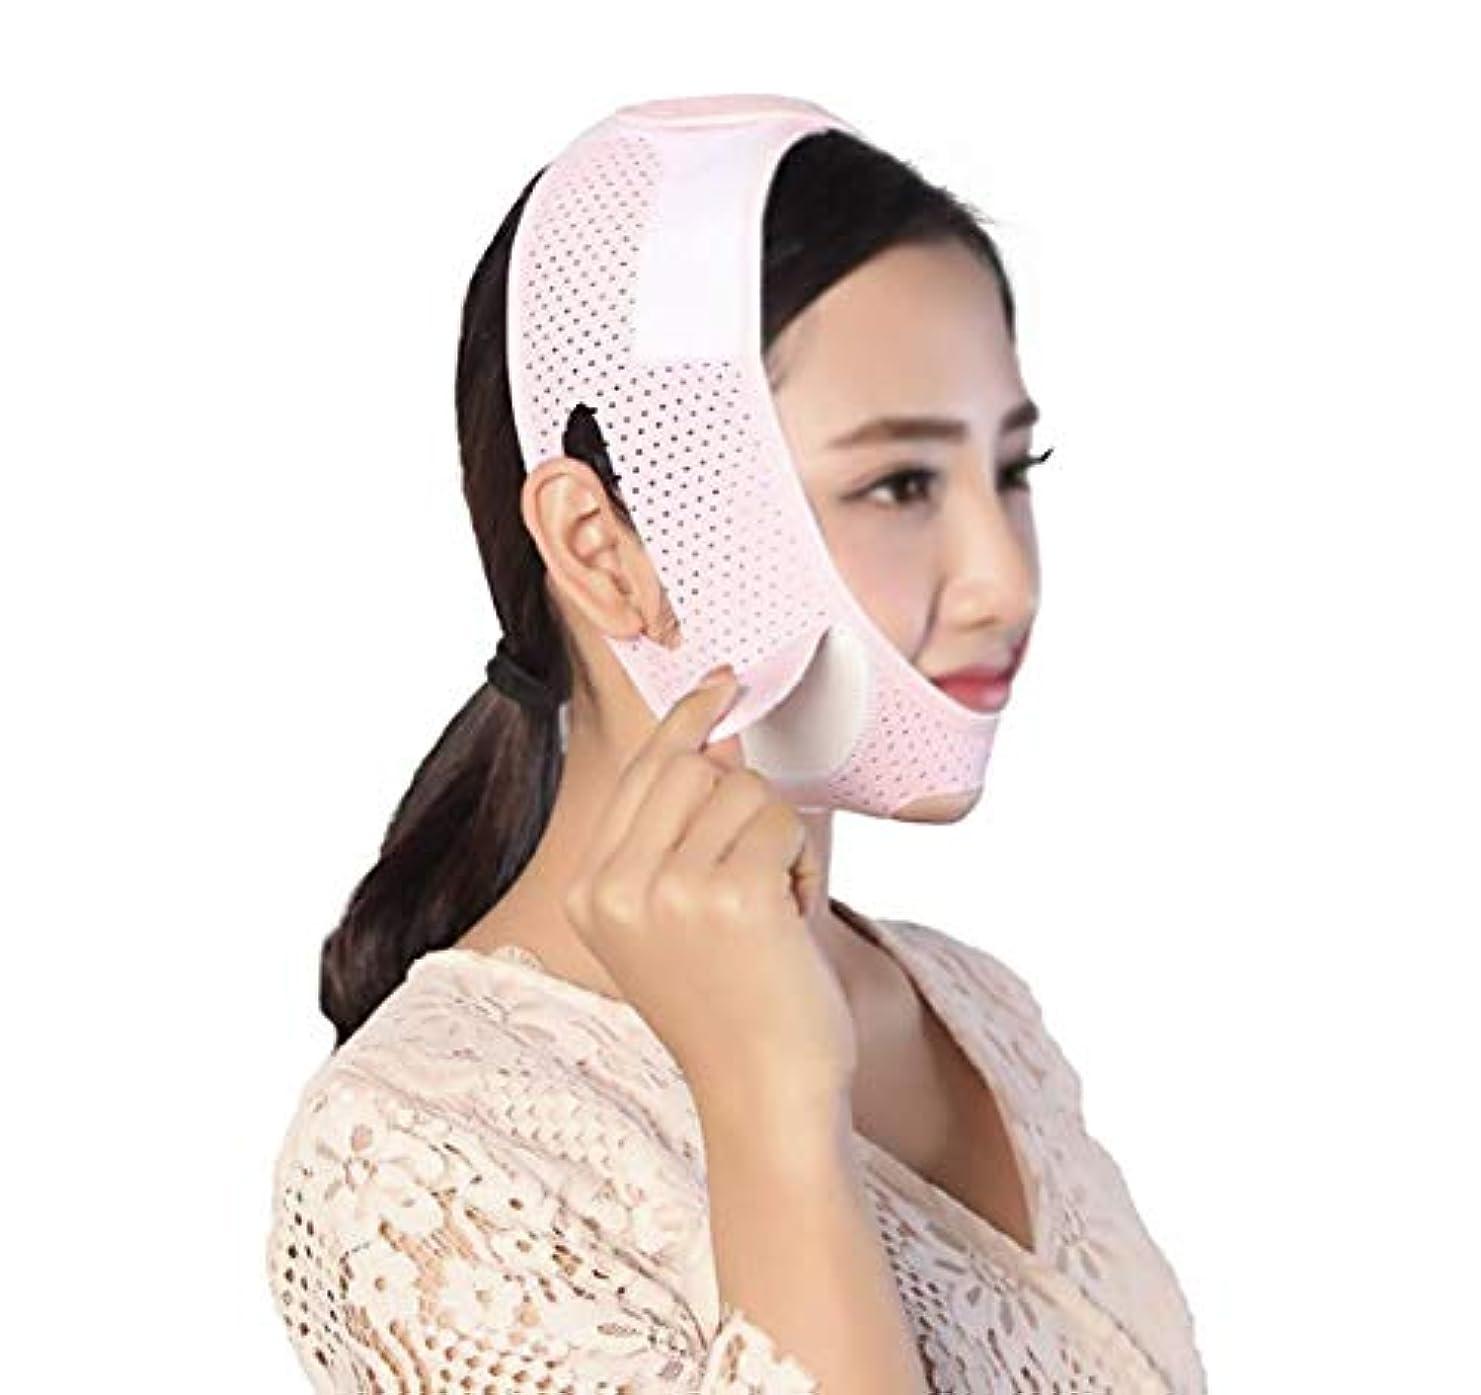 化学者技術者見通し顔と首を持ち上げる術後弾性セットVフェイスマスクは、チンV顔アーティファクト回復サポートベルトの収縮の調整を強化します。